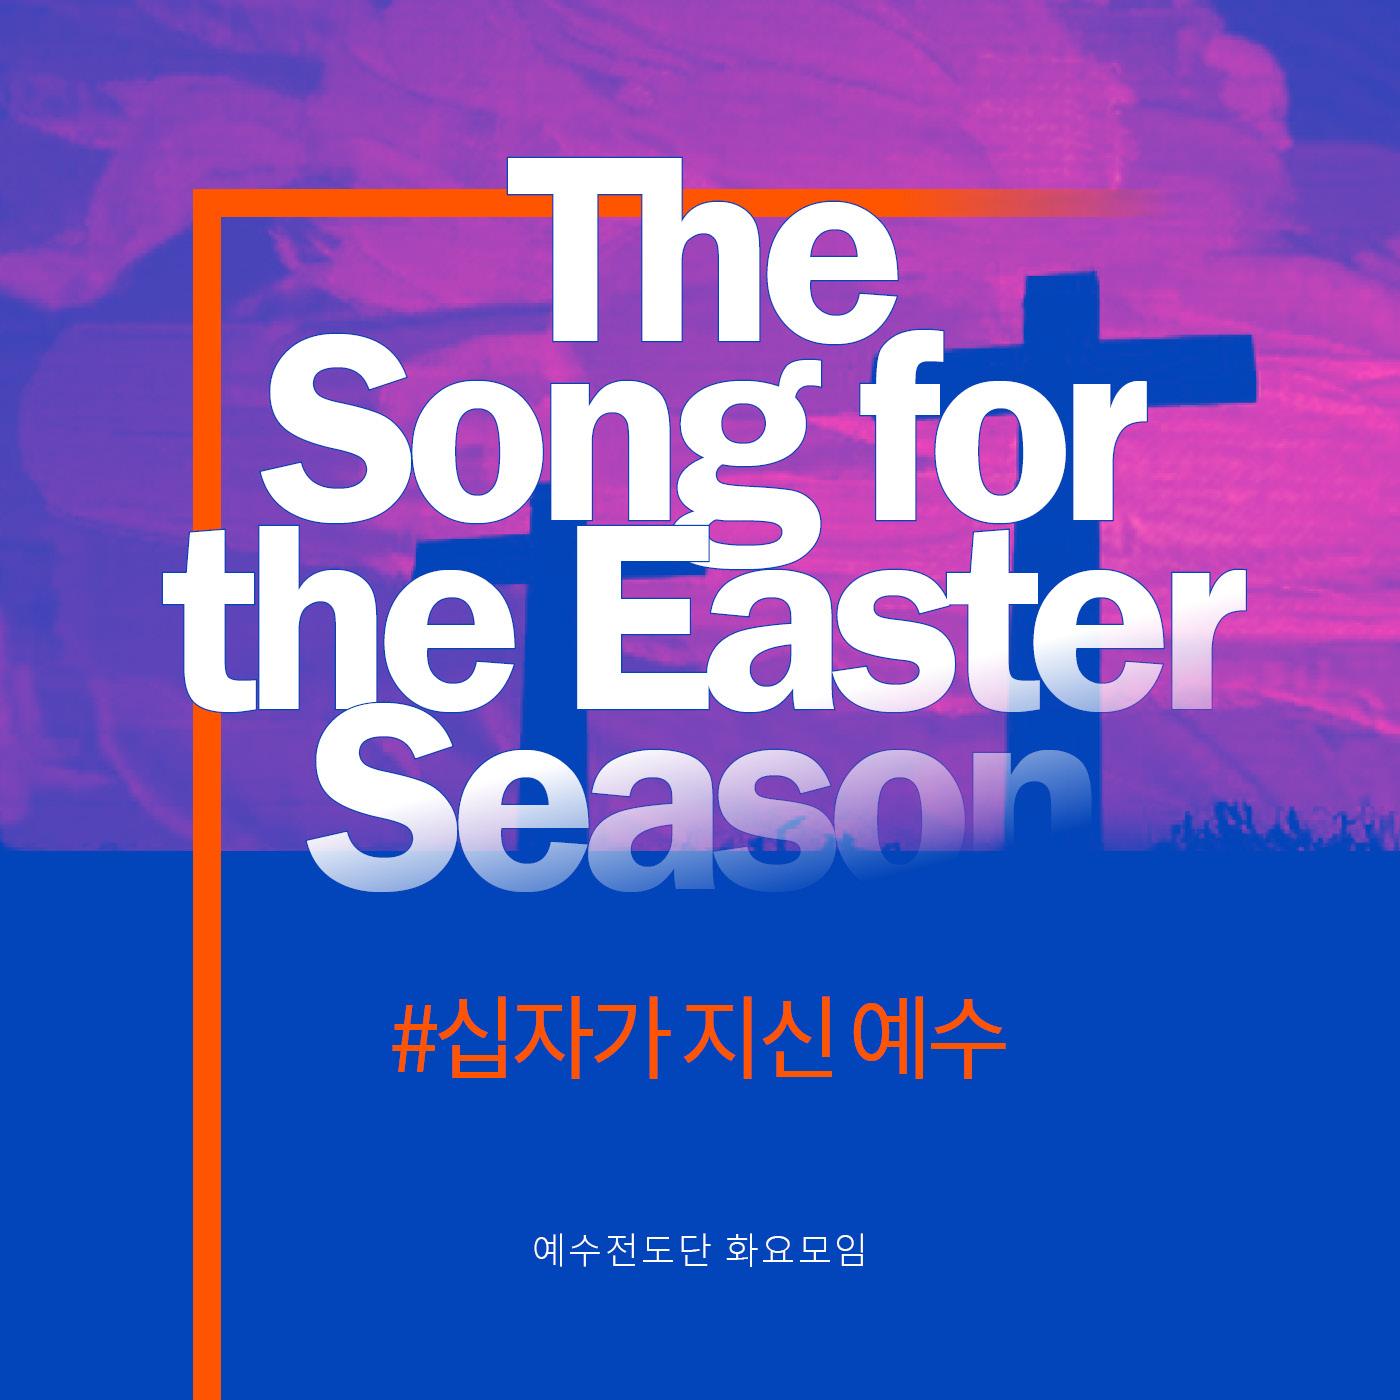 부활절 - The song for the easter season Vol.1 예수전도단 서울화요모임 [싱글] (음원)